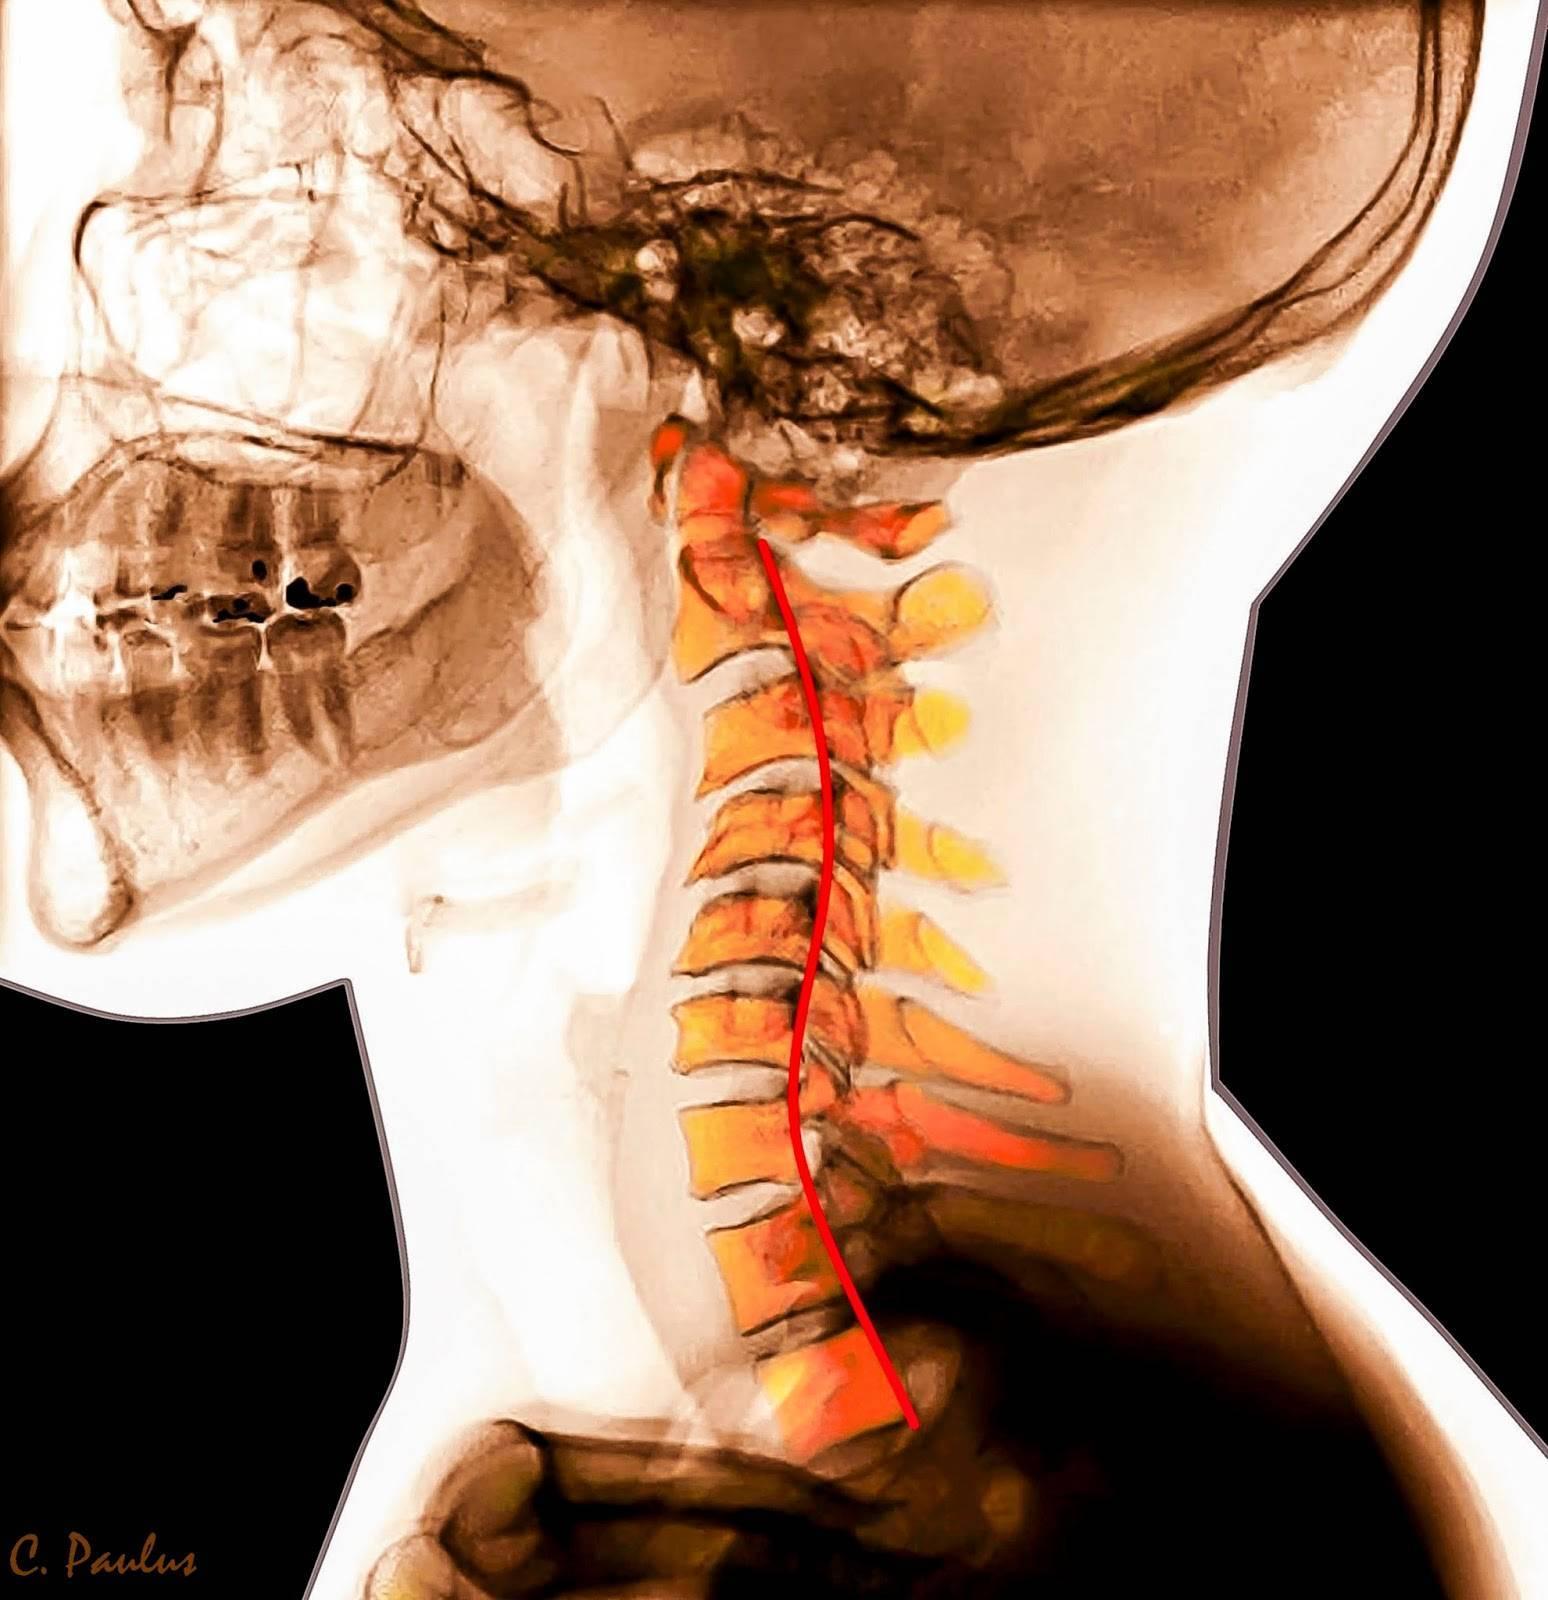 Нестабильность шейного отдела позвоночника у детей: симптомы, диагностика и лечение | все о суставах и связках